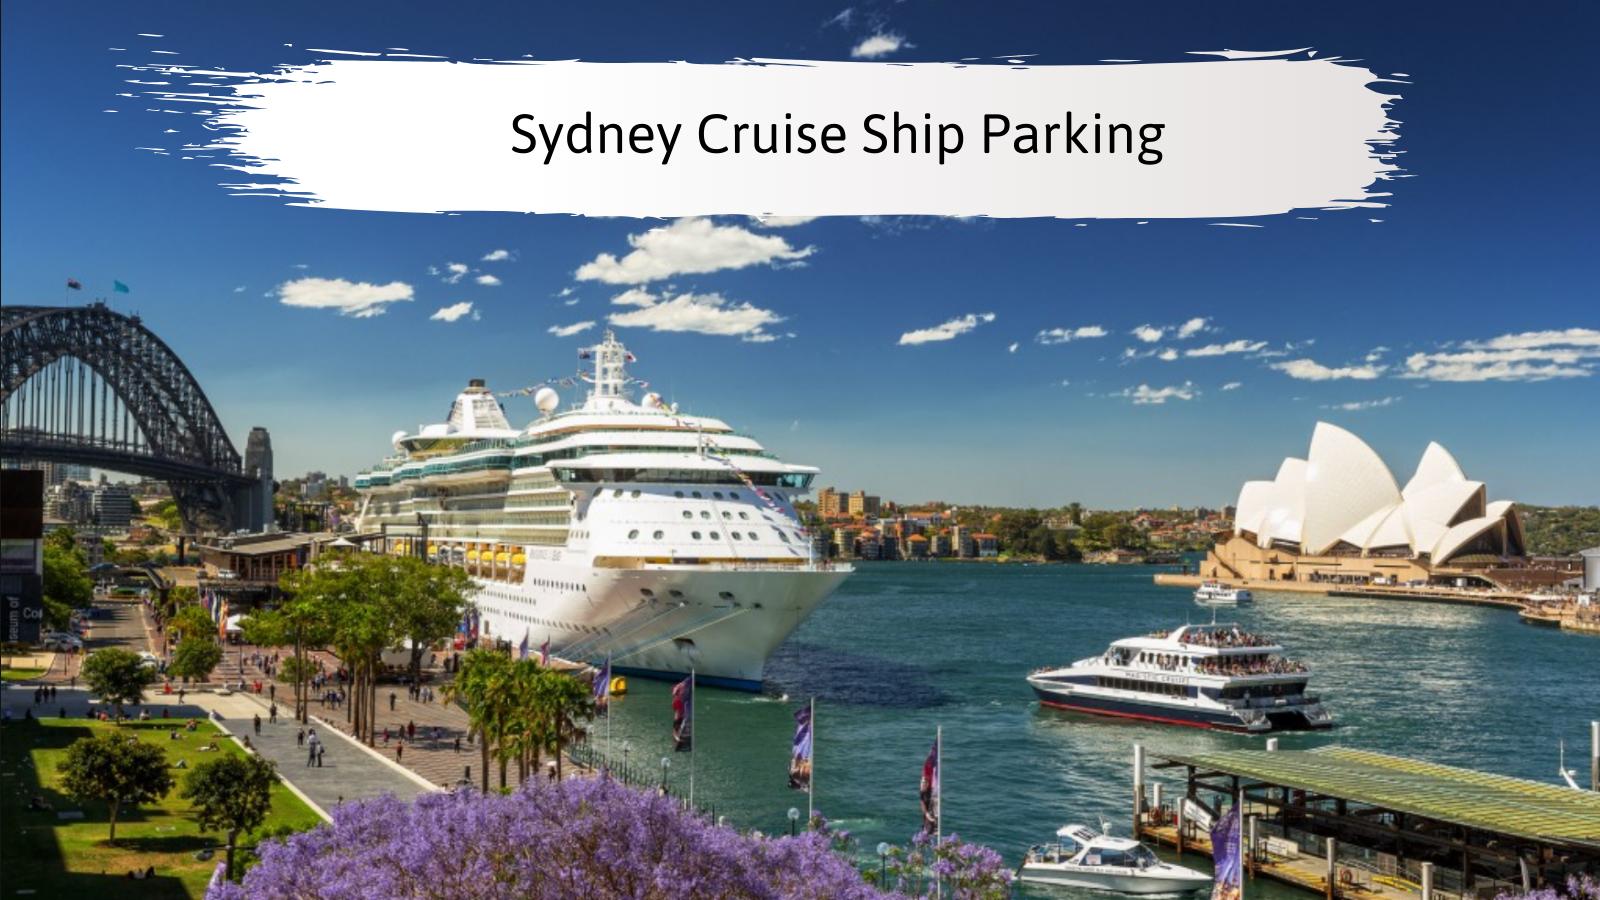 Sydney Cruise Ship Parking Making Parking Cruisey